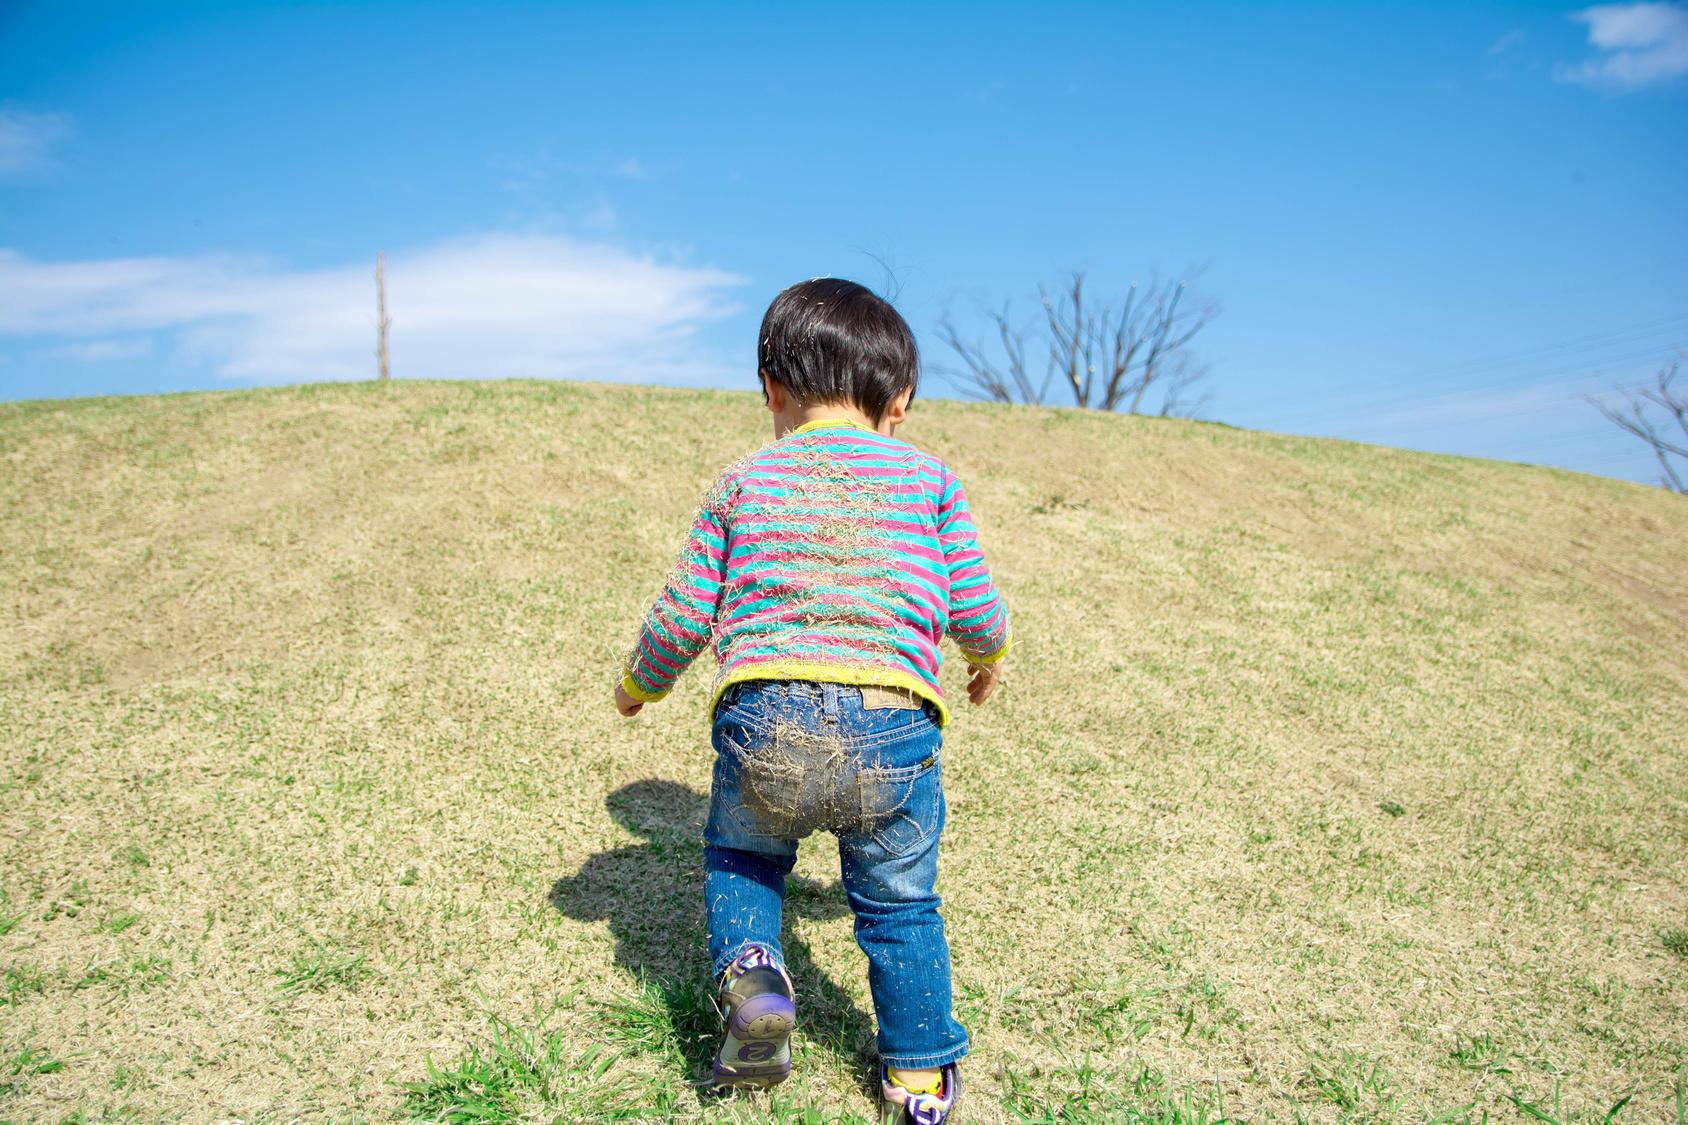 体罰は子どもの脳の発達に深刻な影響をおよぼす 「体罰等によらない子育てのために」とりまとめを公開